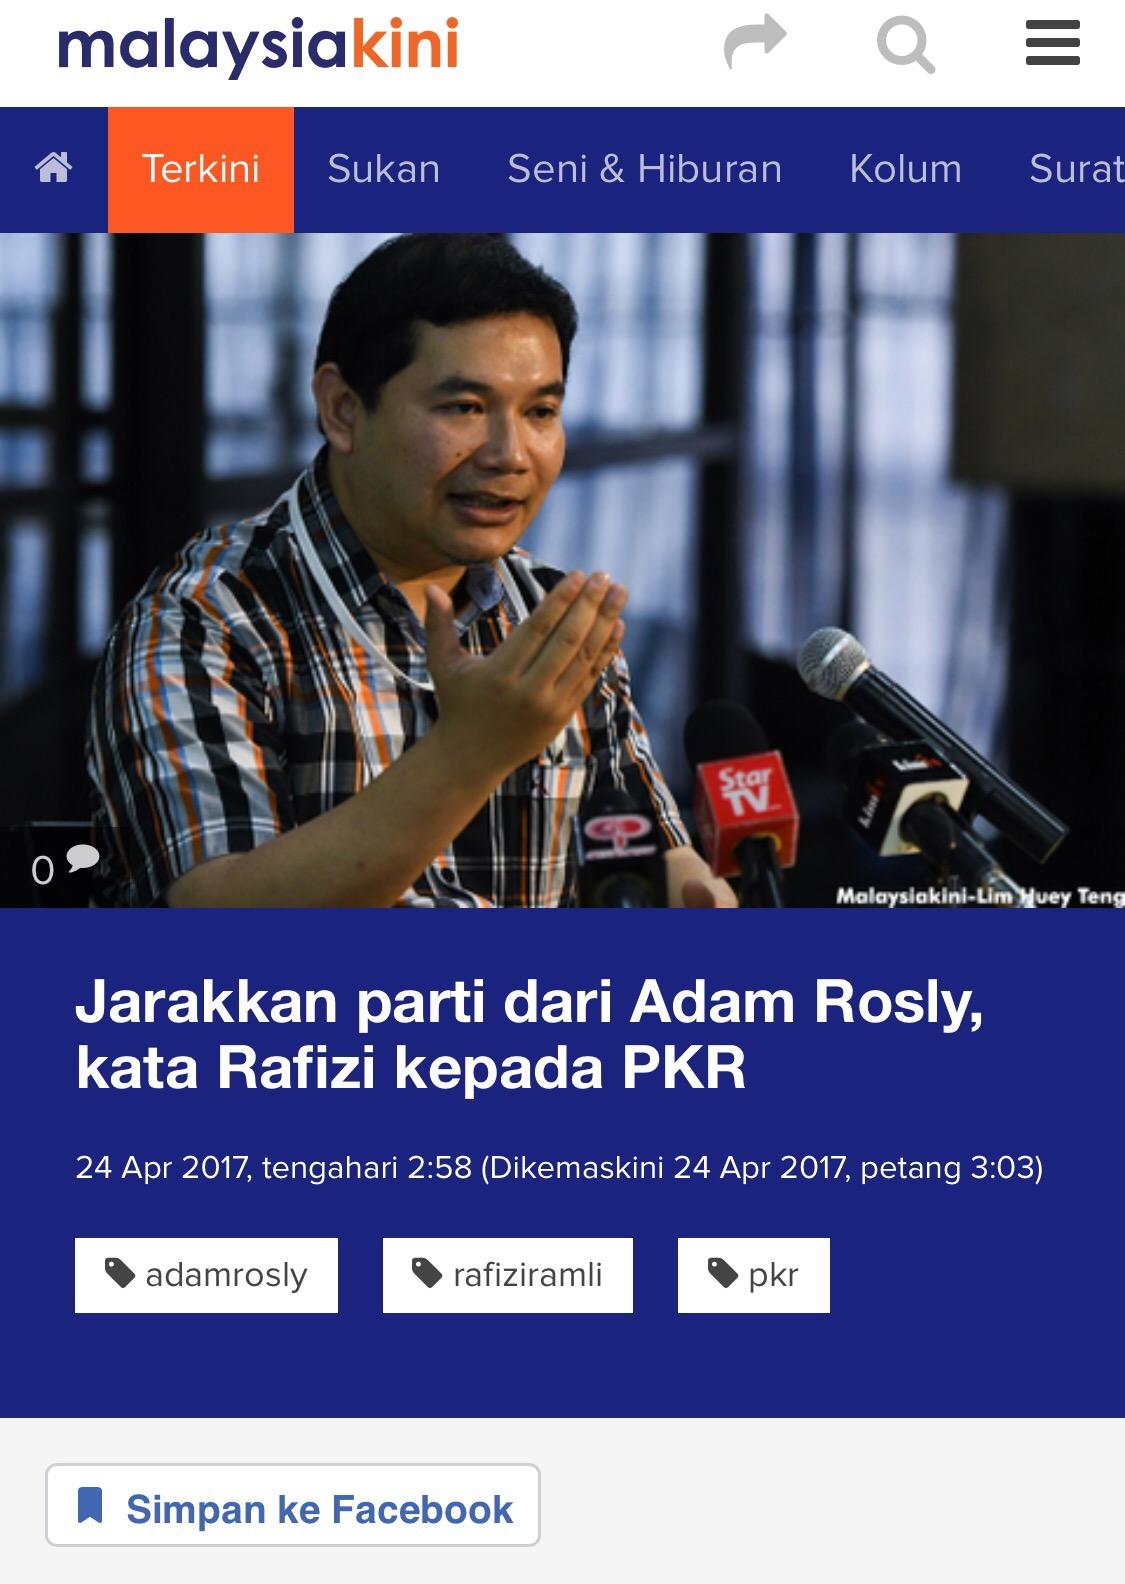 Dalam pada itu, Ketua Angkatan Muda PKR Saudara Nik Nazmi pula cadangkan  agar keahlian Adam Rosly dalam pergerakan tersebut digantung.